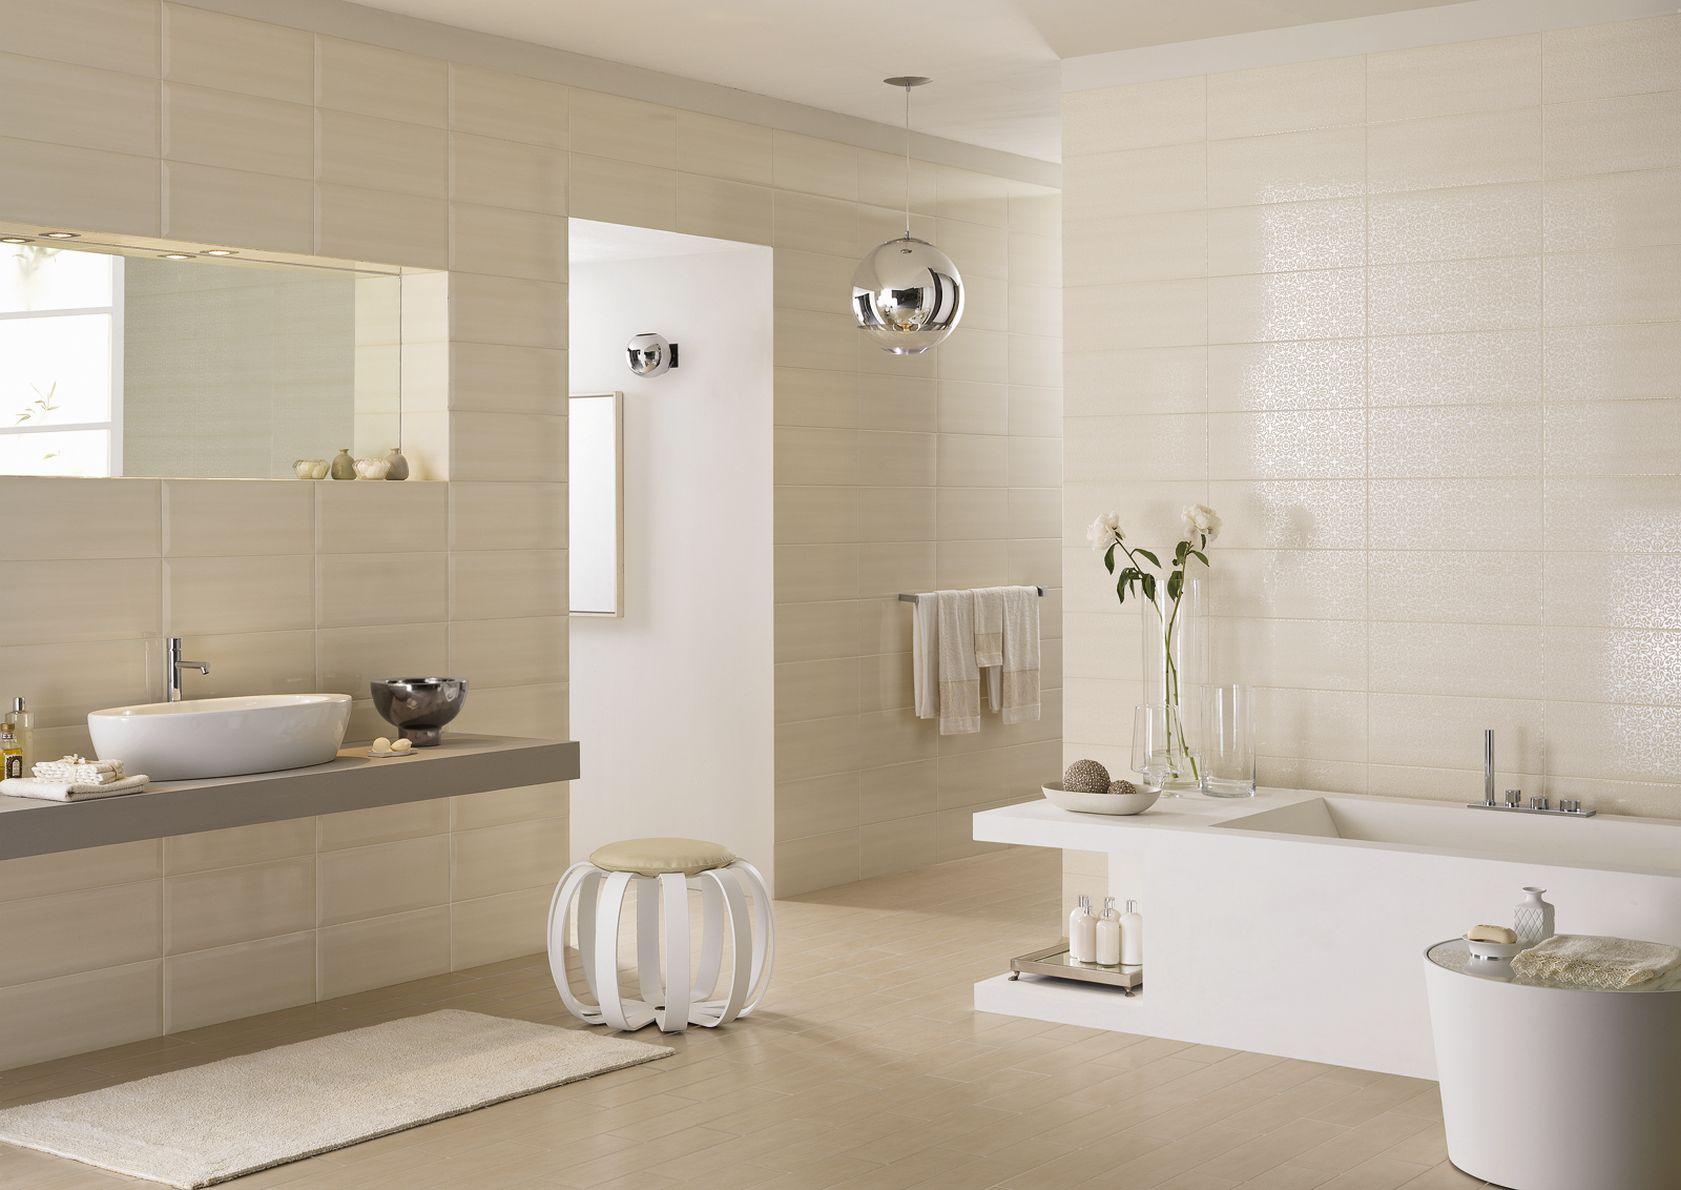 Nuance ceramiche per rivestimento bagno marazzi - Bagni e piastrelle ...